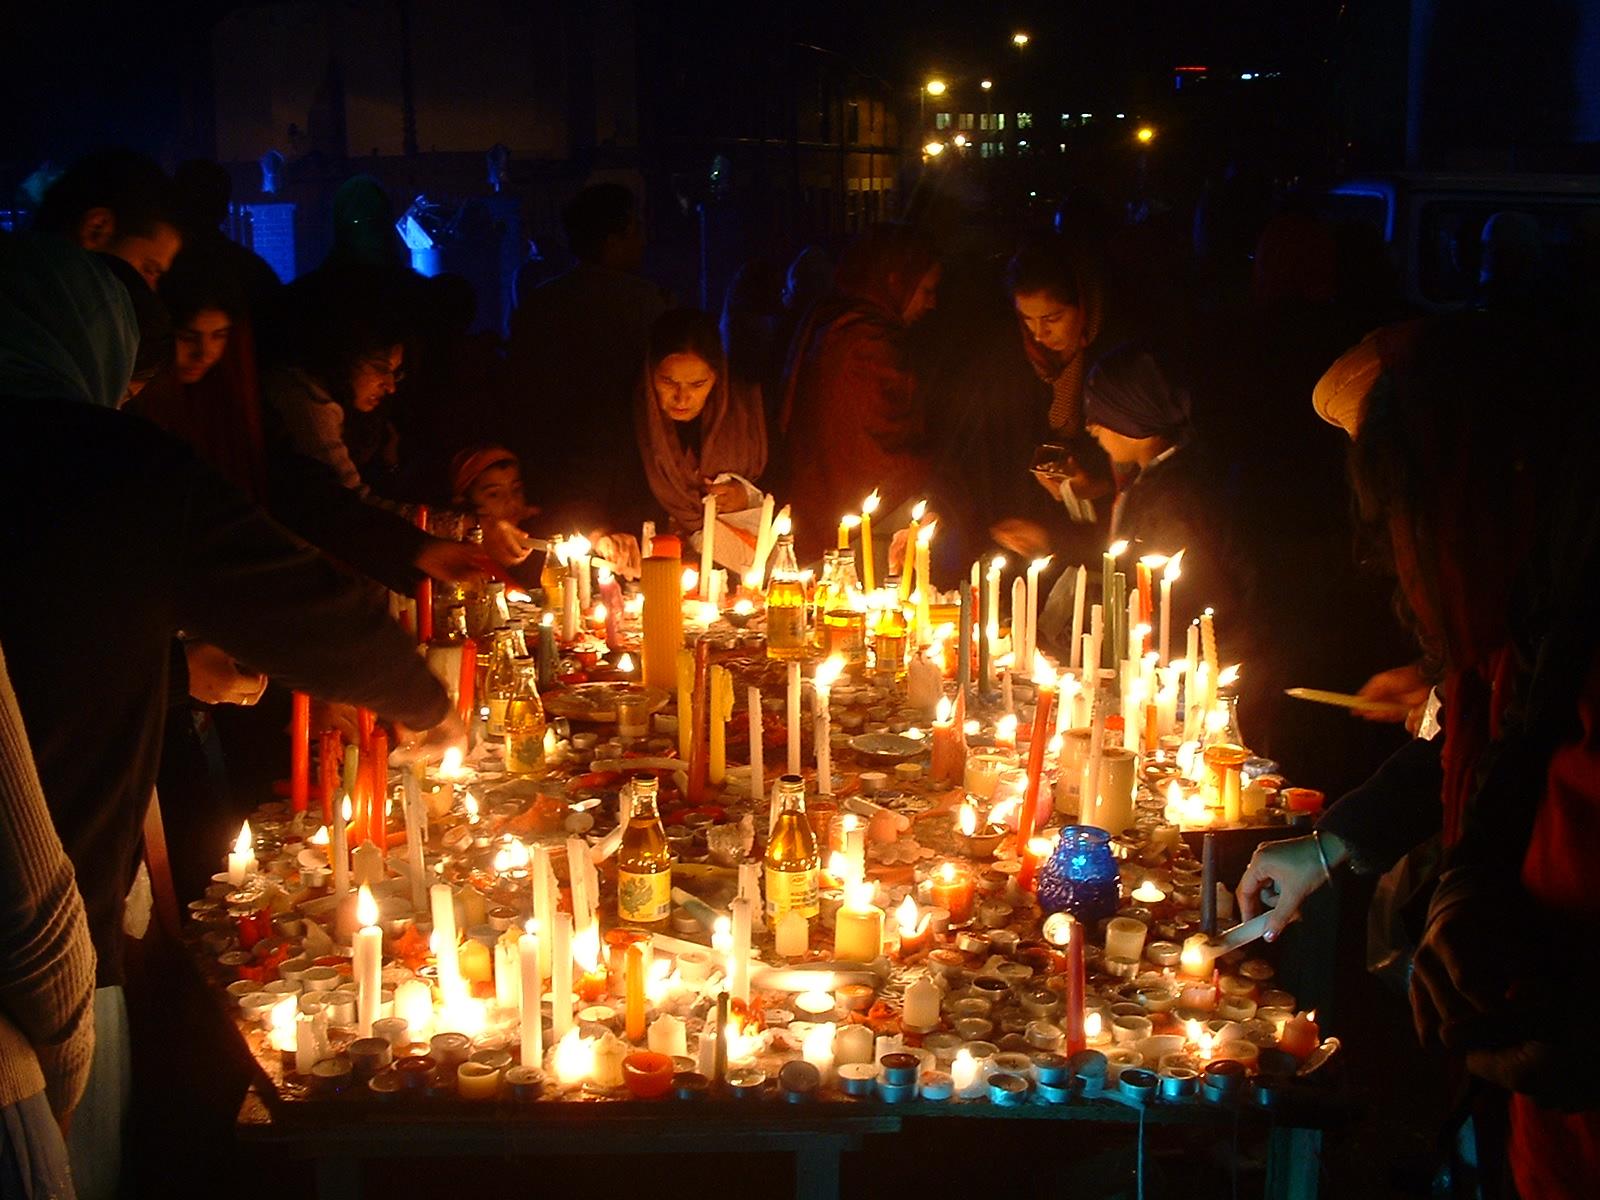 דיוואלי - חג אורים הודי